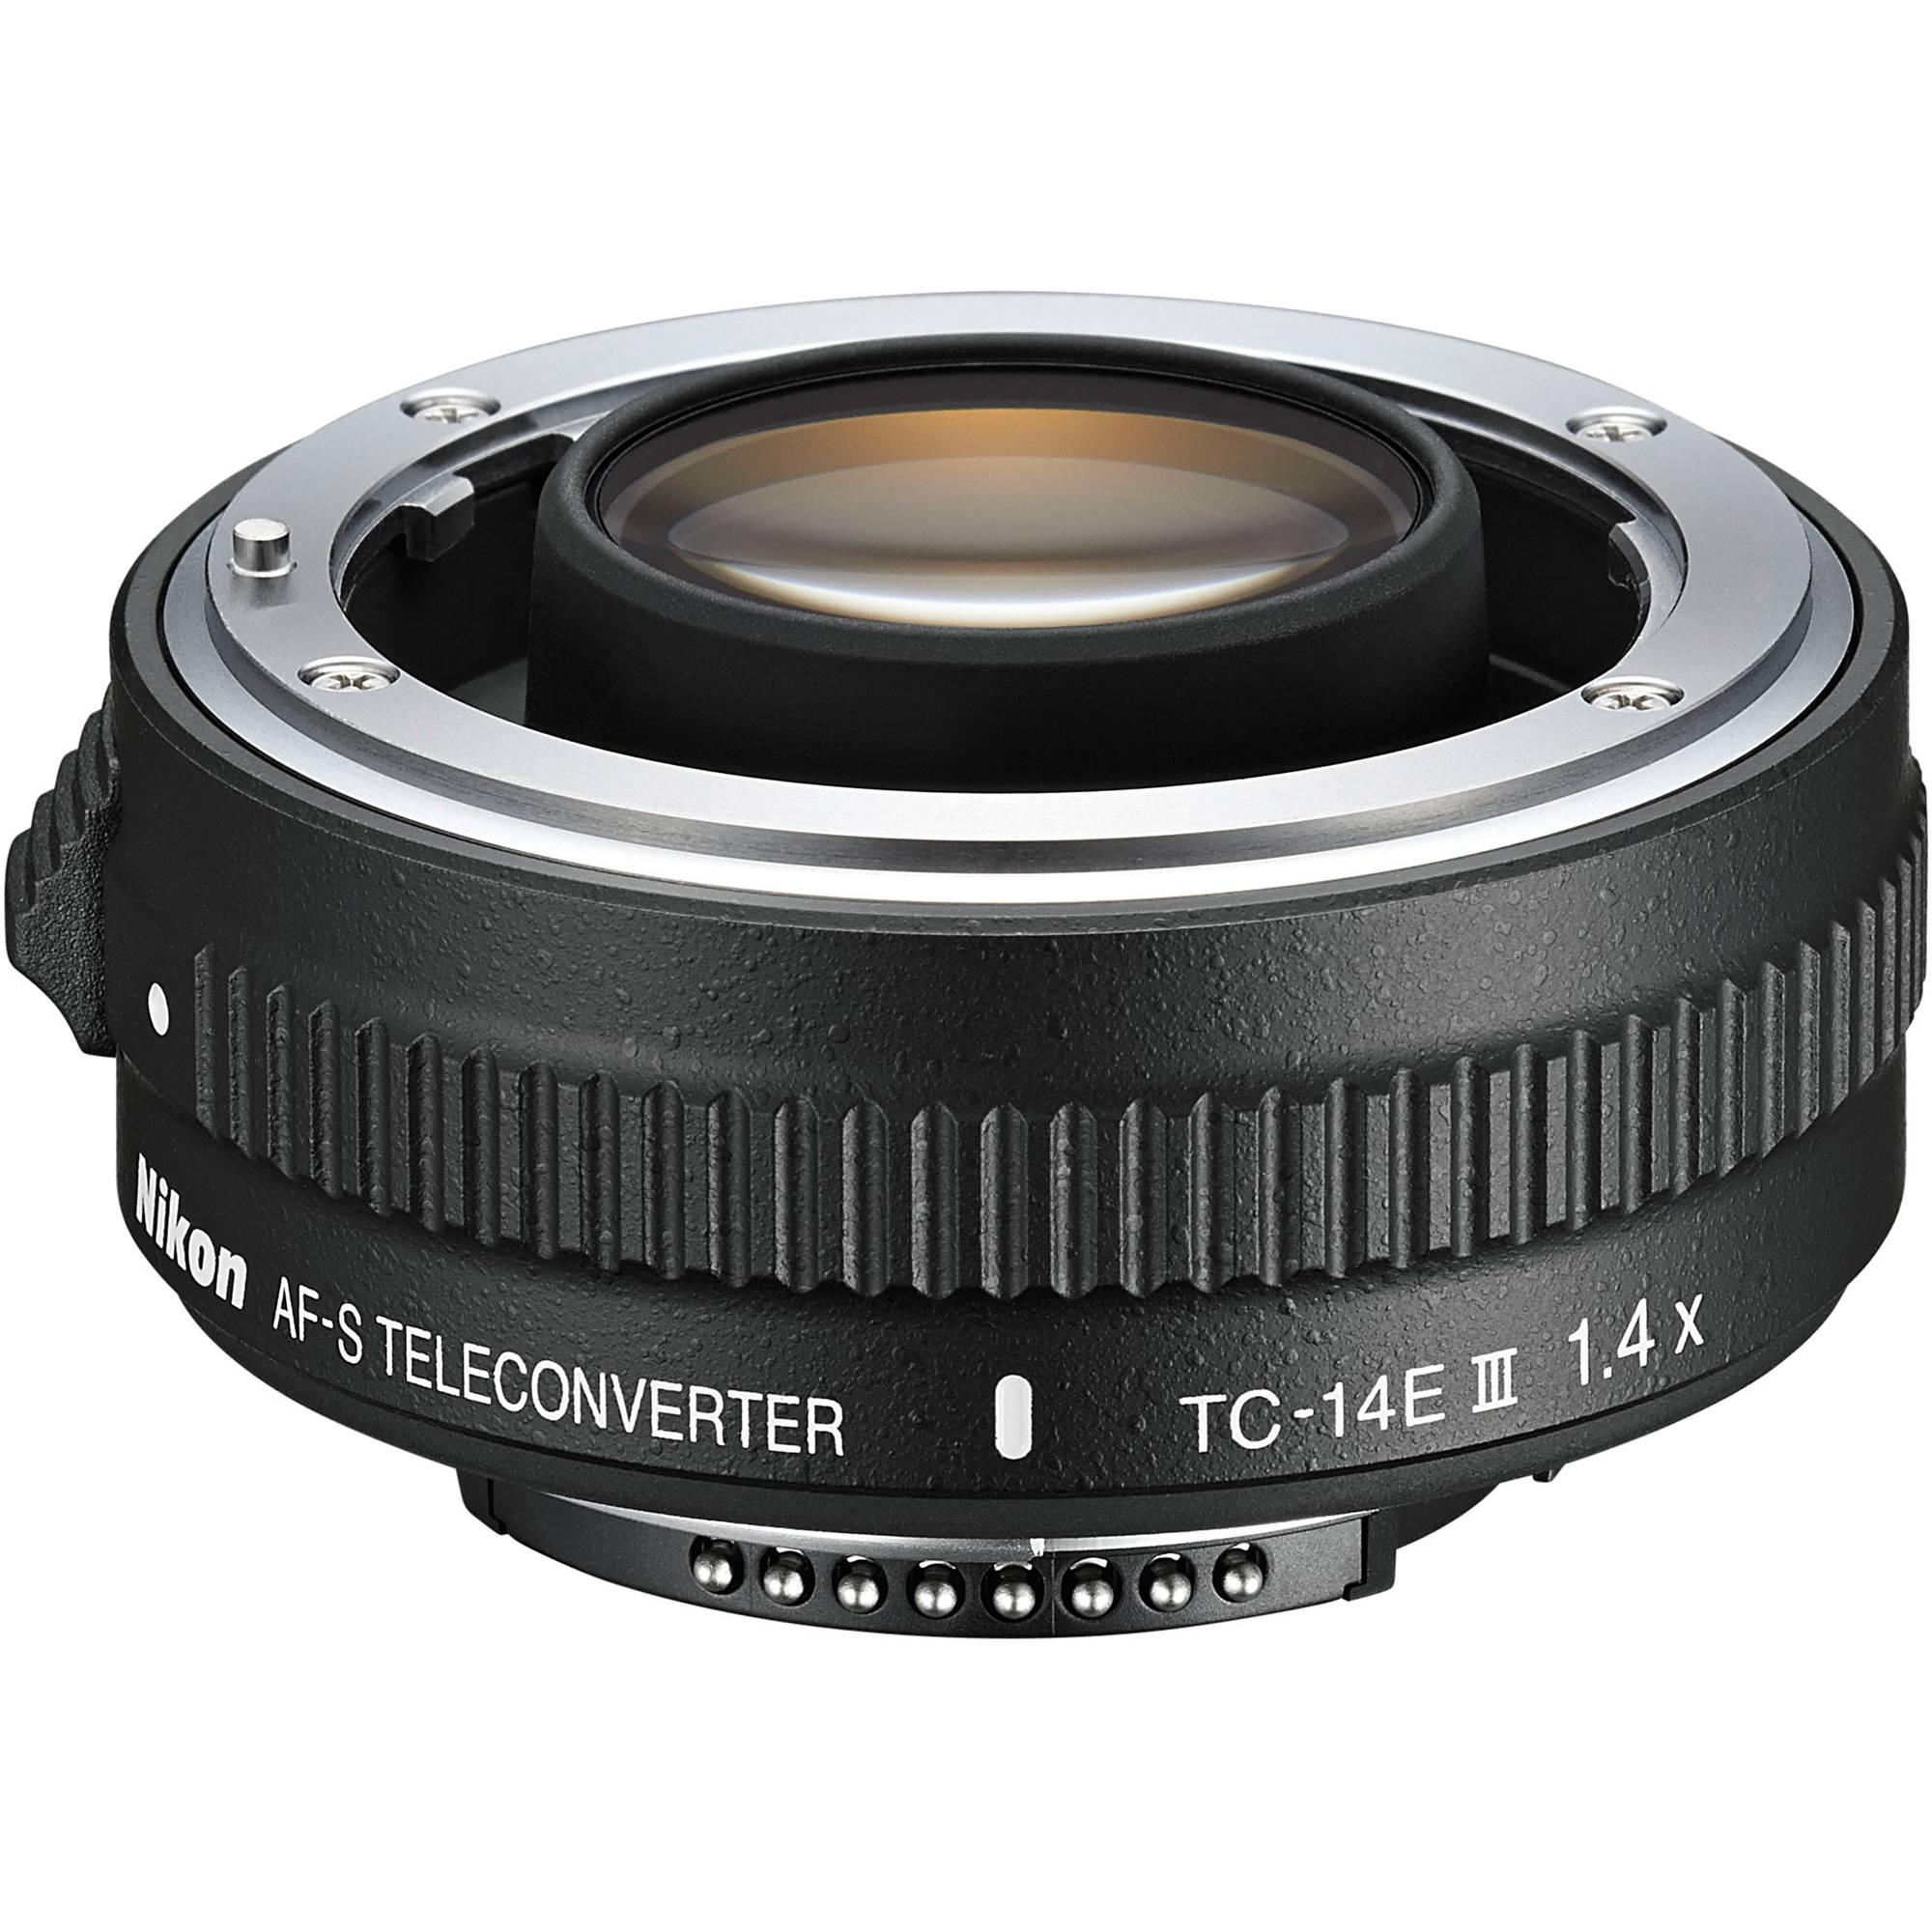 Pingwen  AF-S Teleconverter TC-14E III | Nikon 1.4x Teleconverter for AF-S